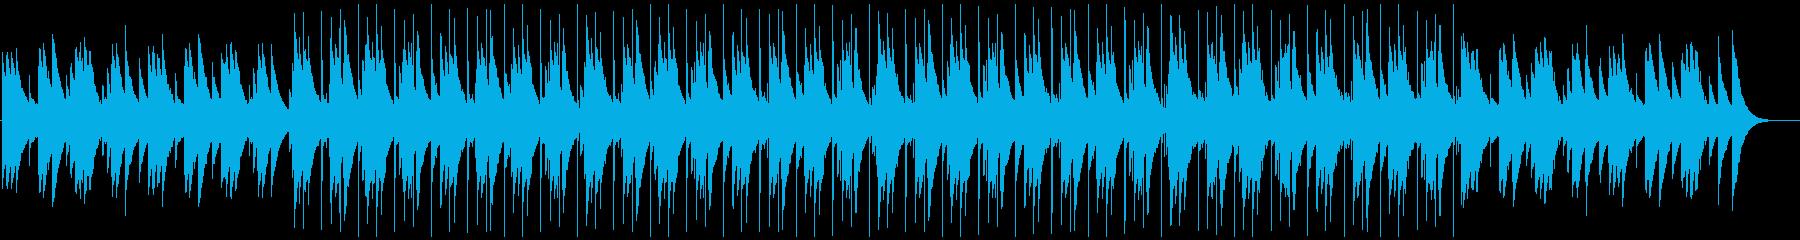 ドキュメンタリーに合うオルゴールBGMの再生済みの波形